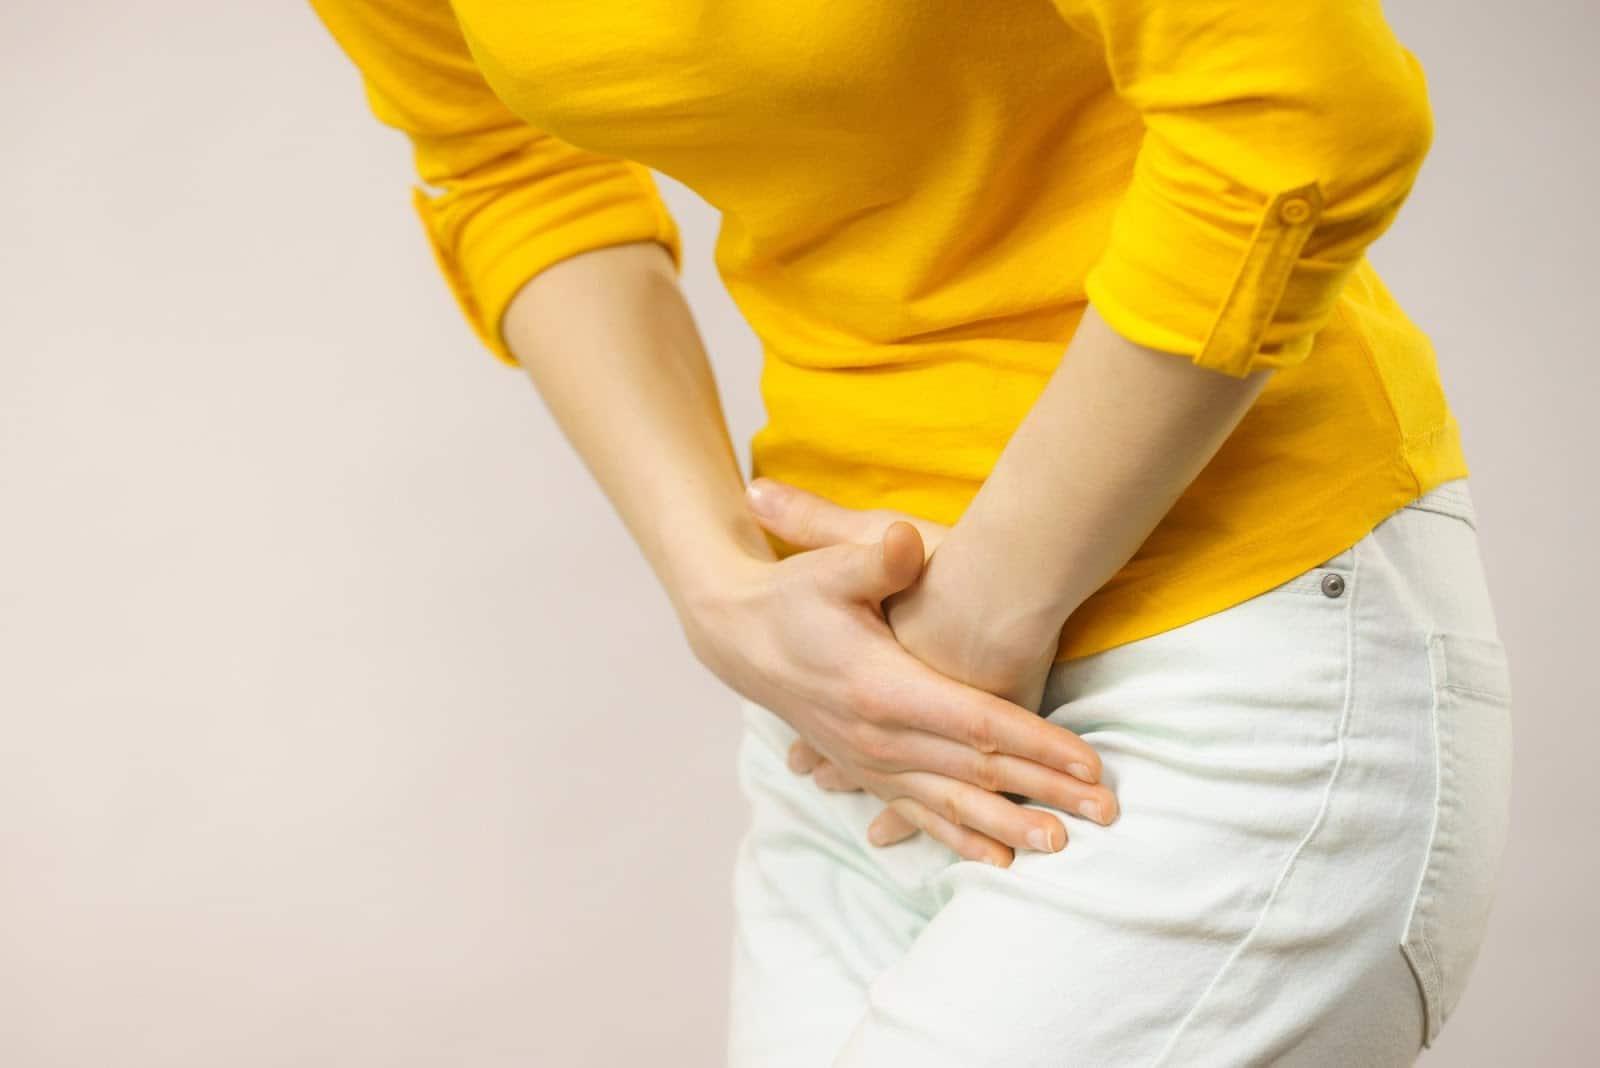 Nguyên nhân gây ngứa vùng kín nữ